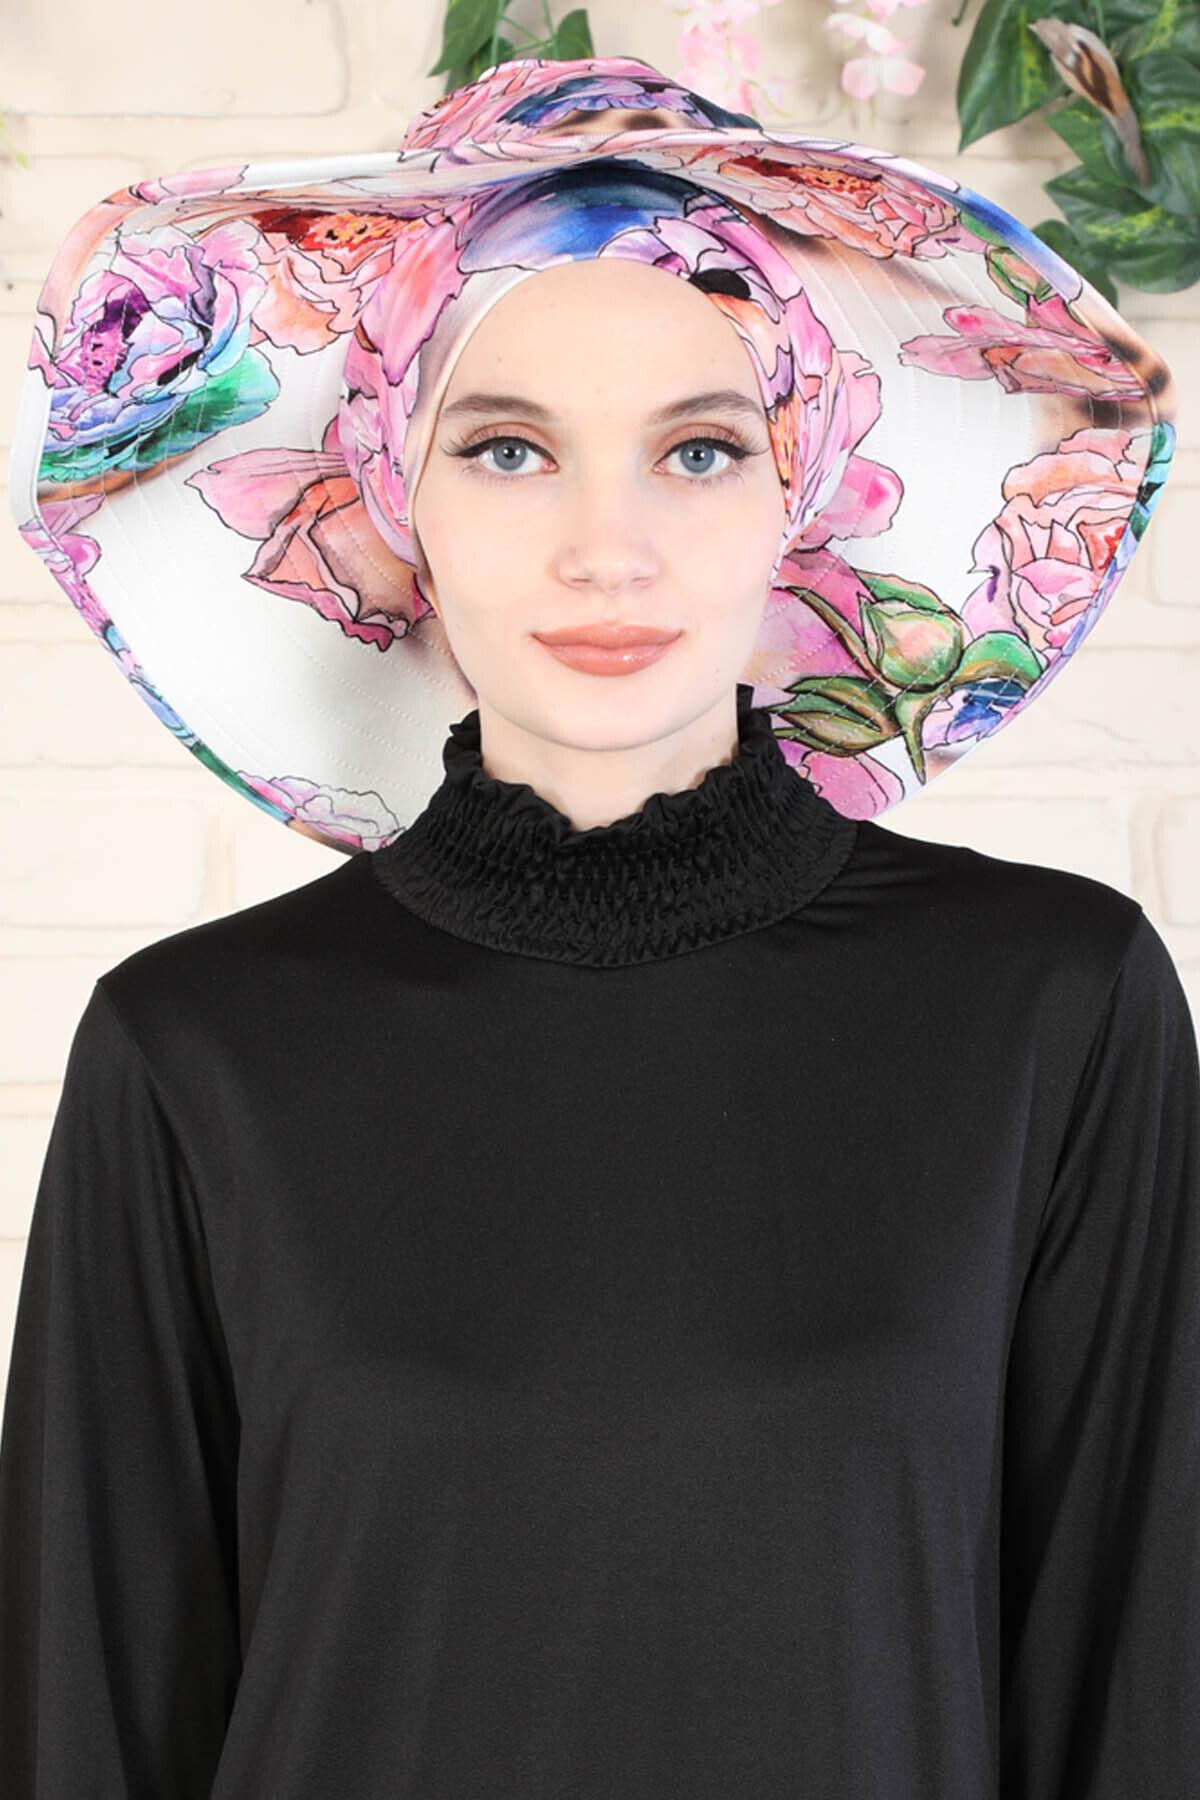 خرید اینترنتی کلاه خاص زنانه برند Ayşe Tasarım رنگ صورتی ty109891576